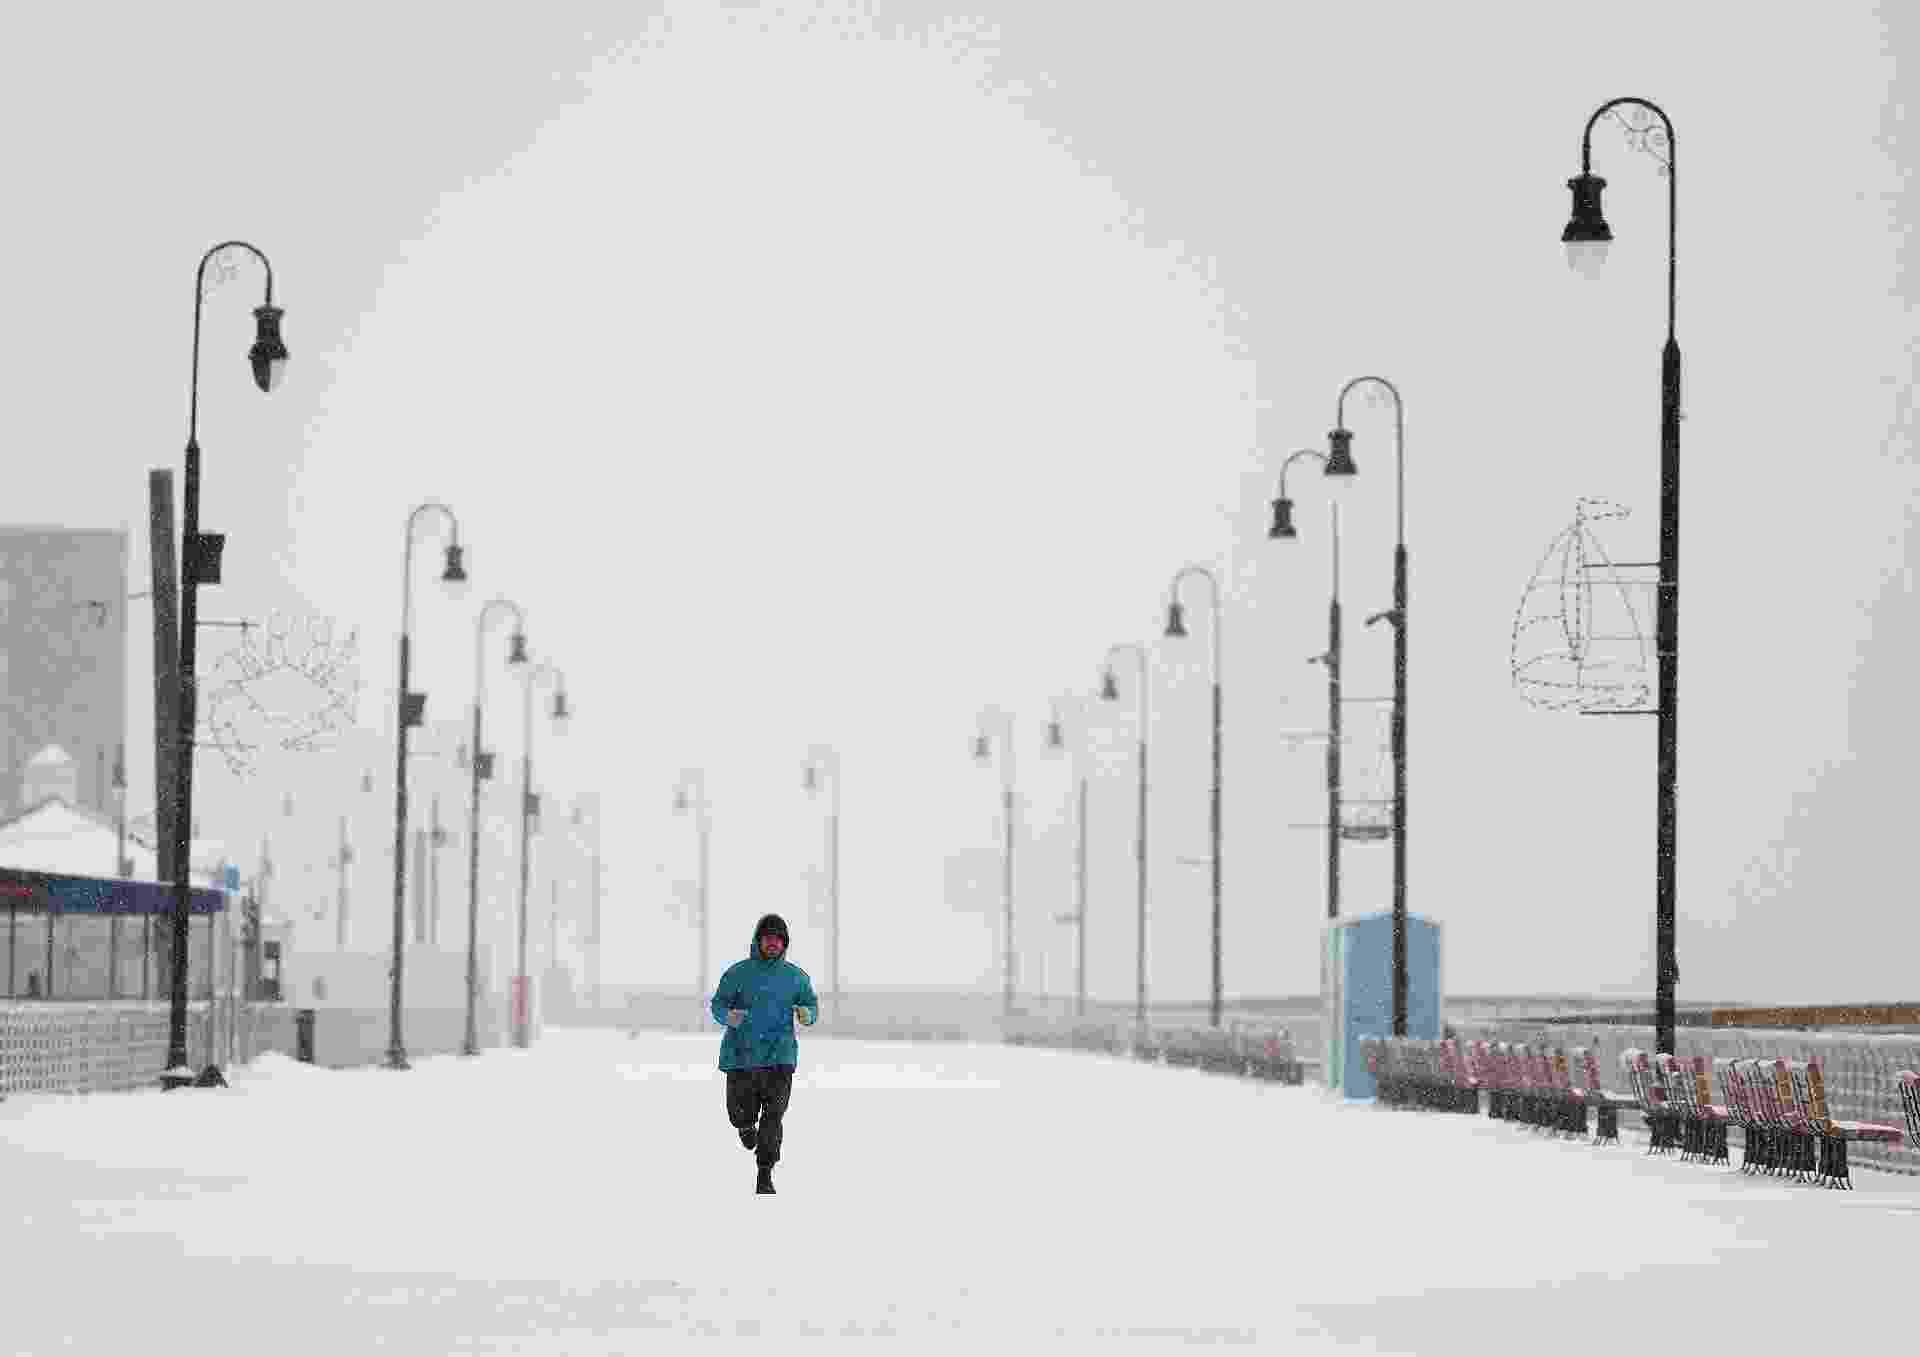 17.dez.2020 - Homem corre em Long Beach, Nova York; é a primeira grande tempestade de neve da temporada nos EUA - AL BELLO/AFP